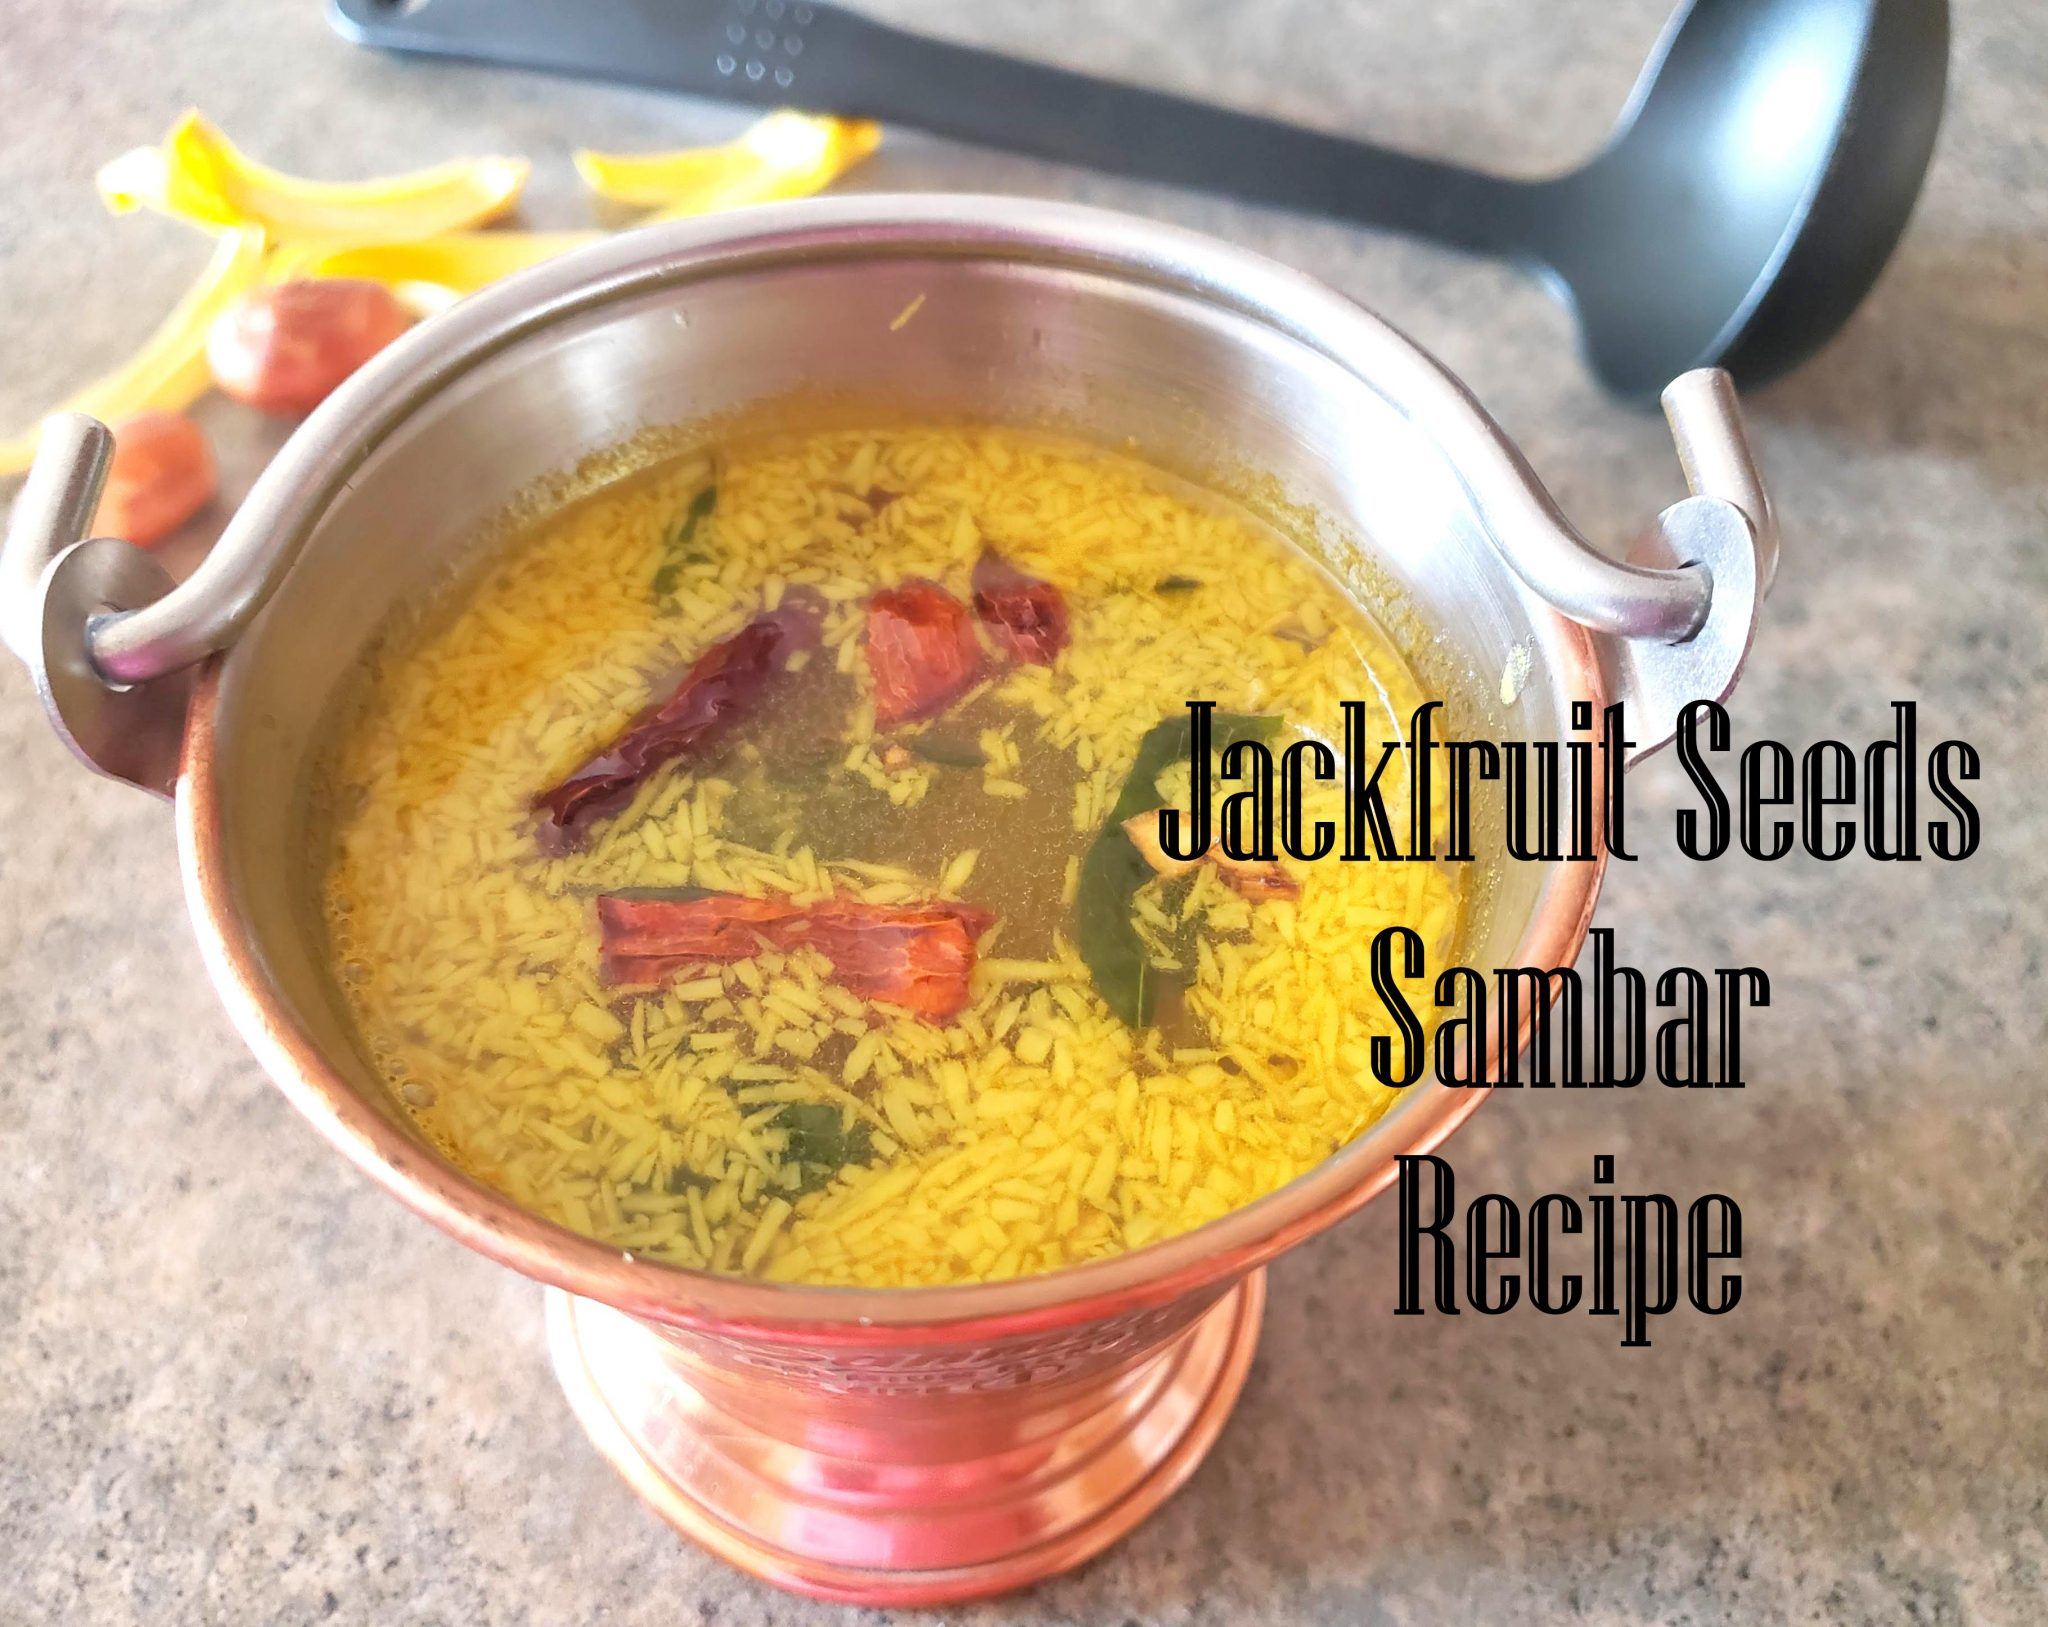 Jackfruit seeds sambar recipe